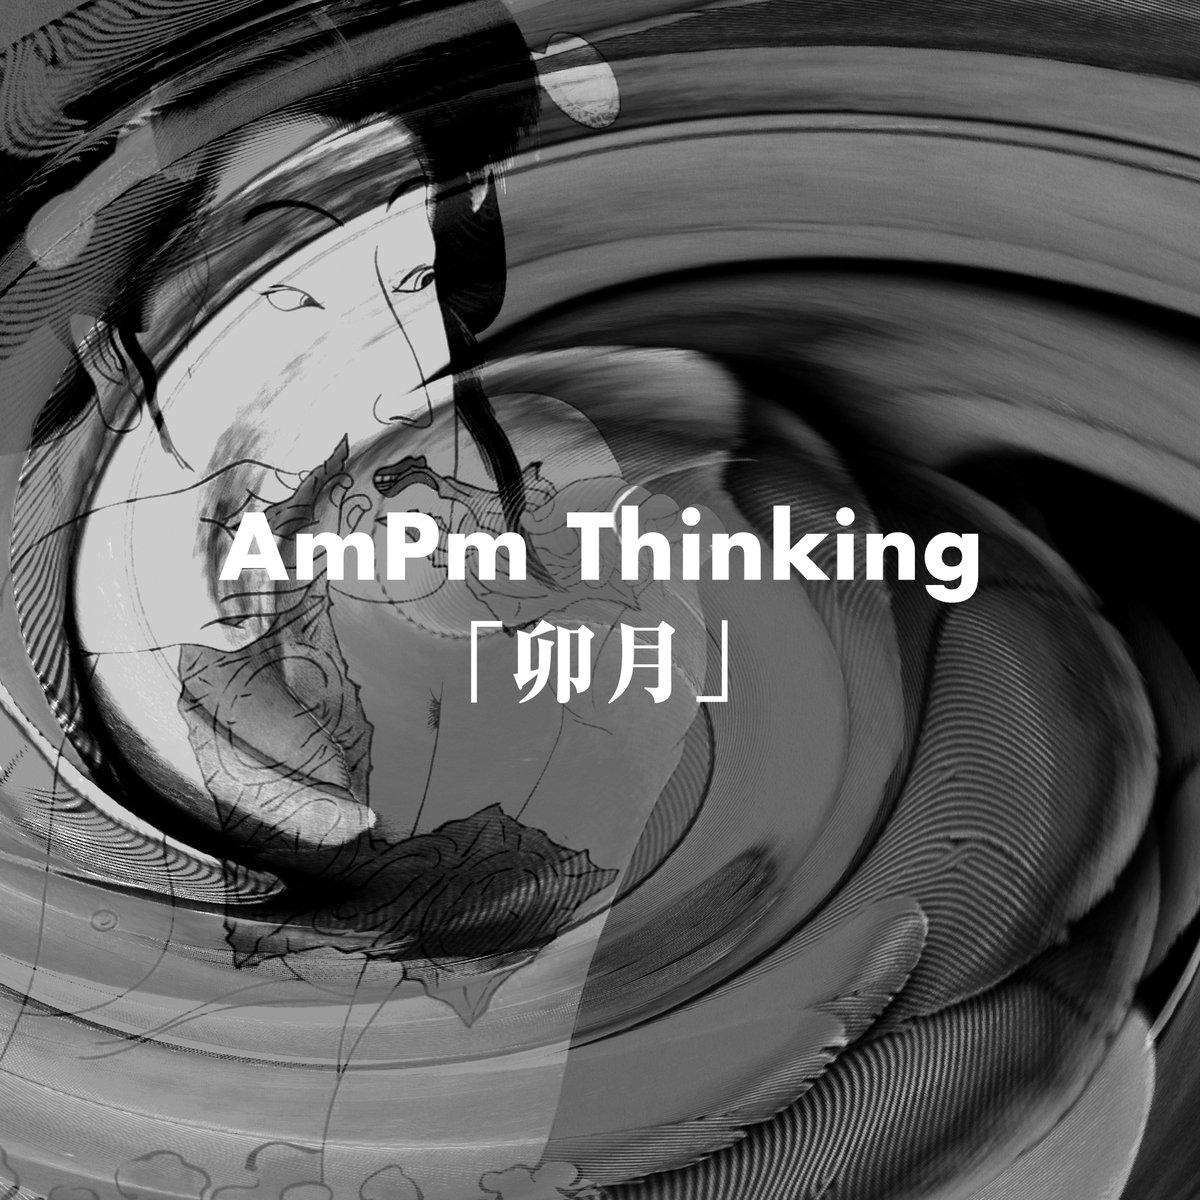 日本のアーティストを集めたプレイリスト、AmPm Thinking「卯月」更新🐰🐰こちらも多めの選曲です。odolMOROHALIGHTERSCOJOともさかりえMilk TalkNEIGHBORS COMPLAIN田中裕梨1983the bellrinsSUKISHAどんぐりず他、全32曲!Spotifyでチェック👉